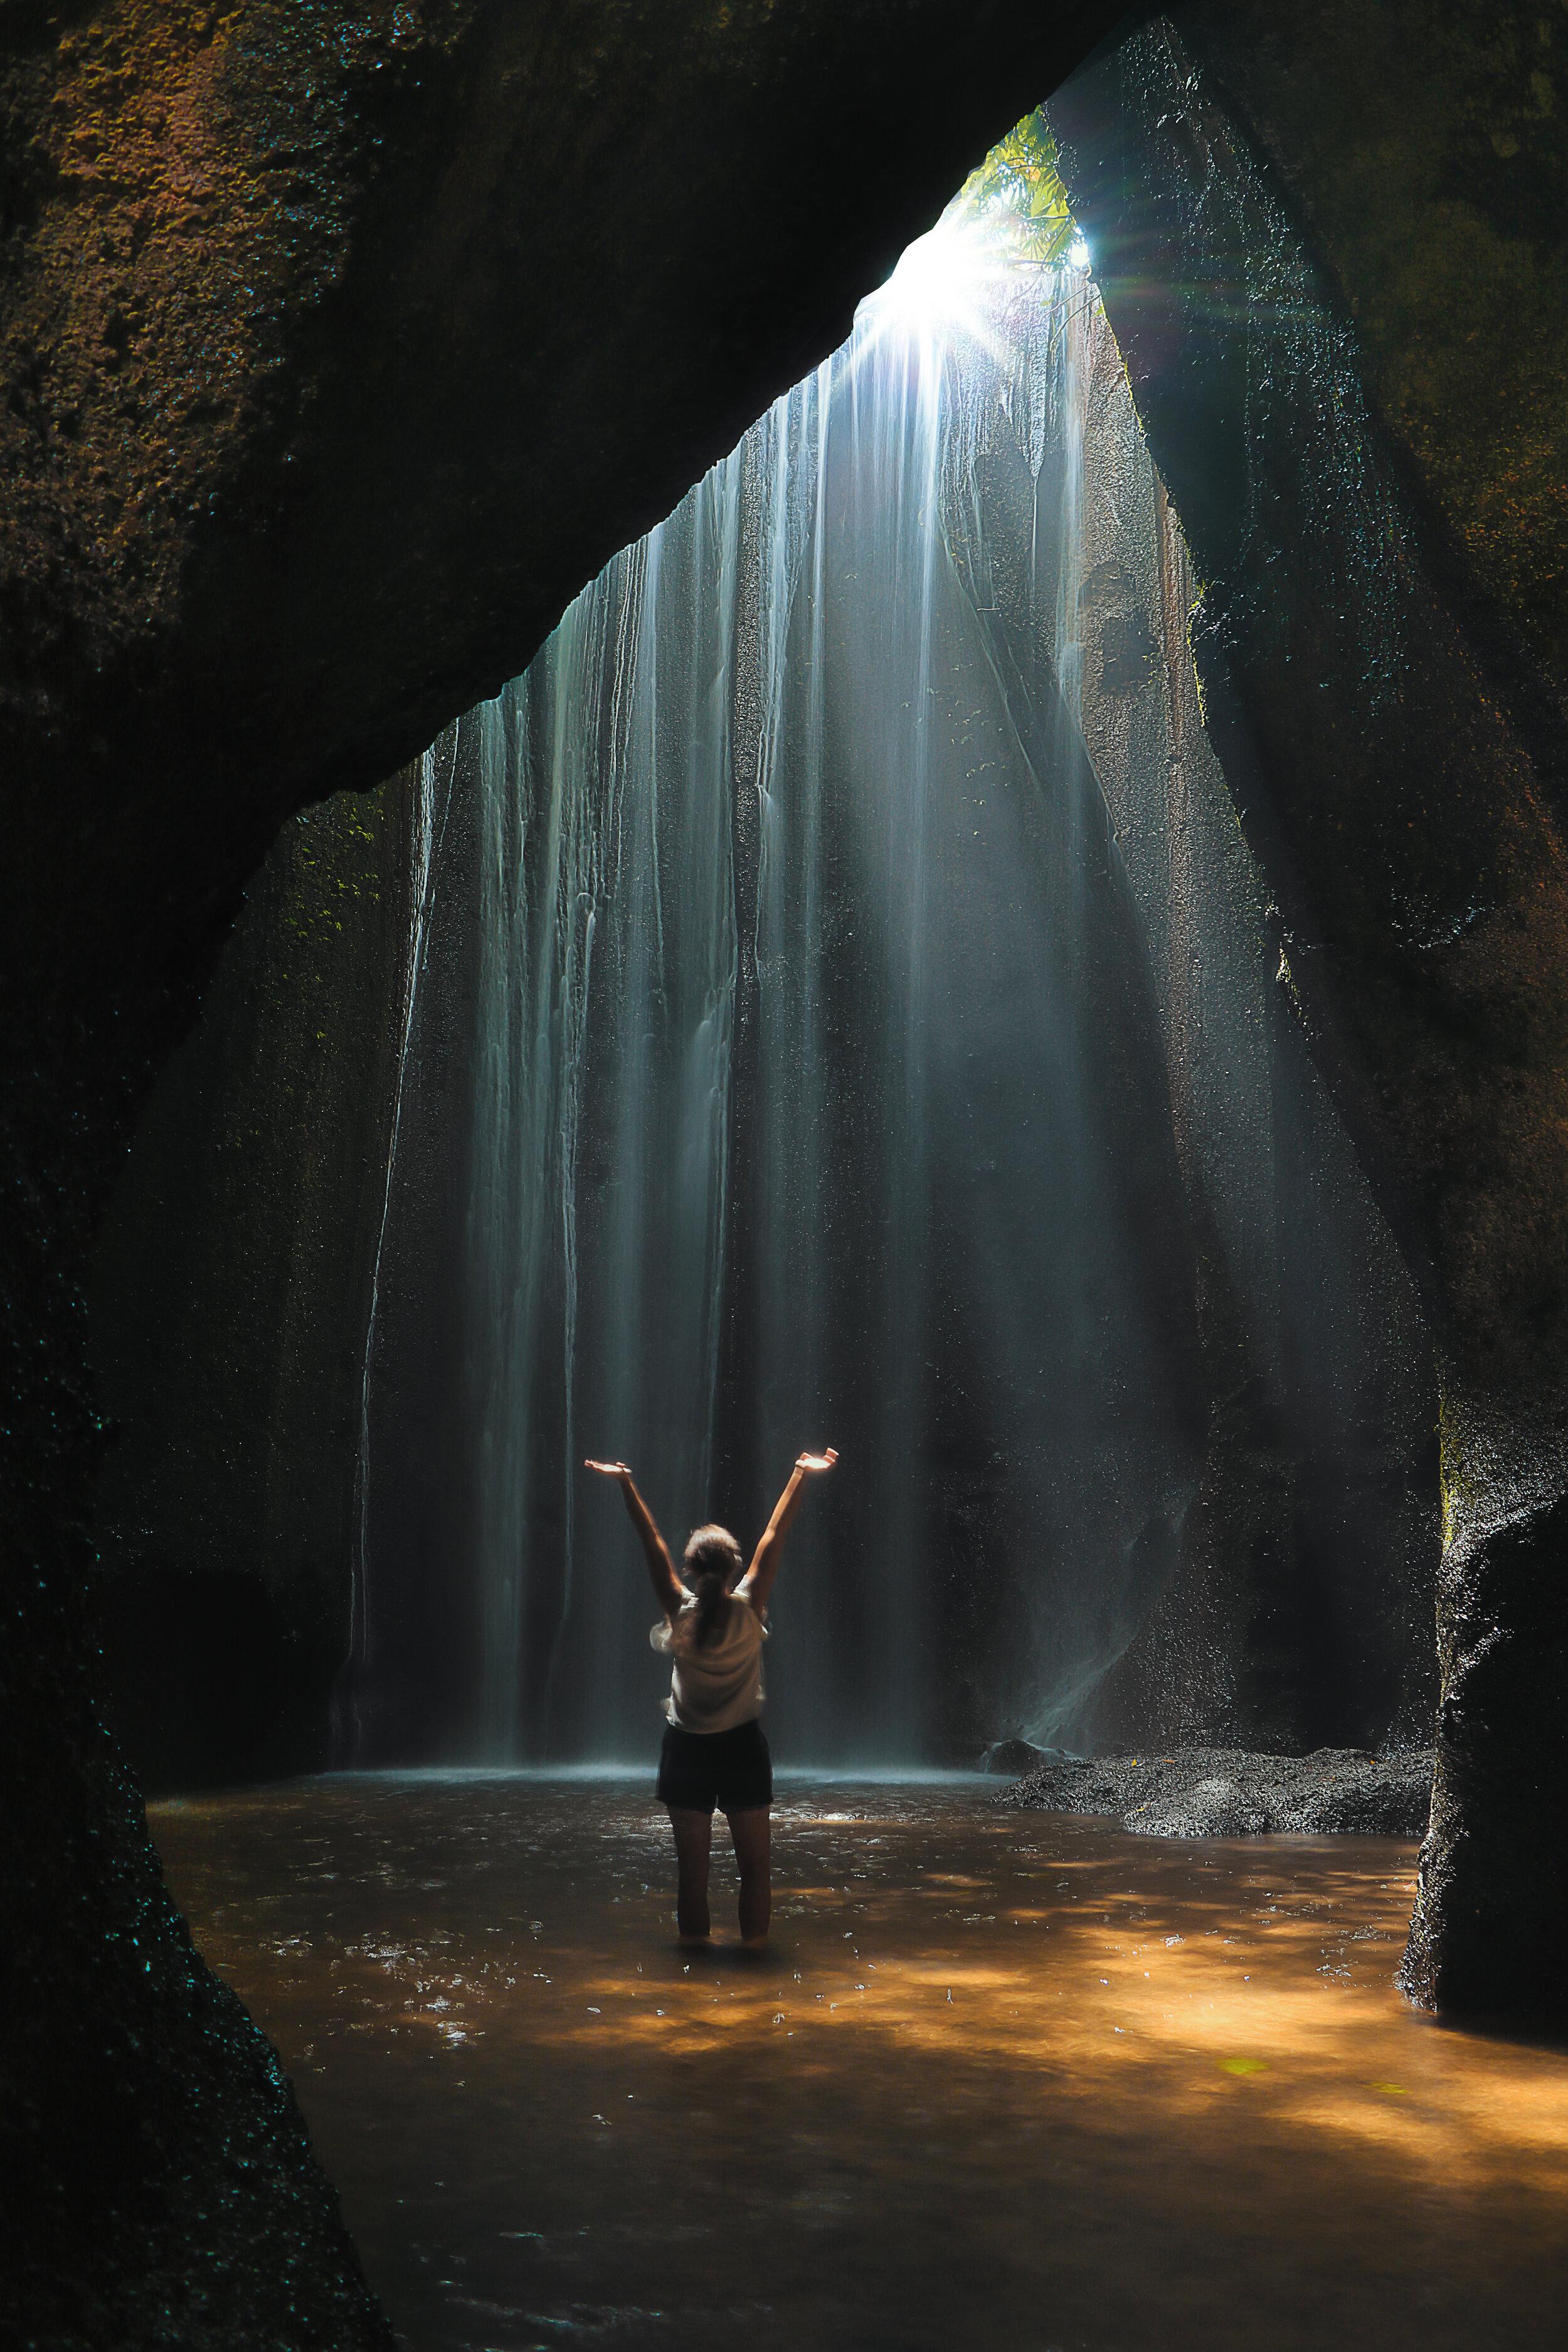 Tukad Cepung Waterfalls